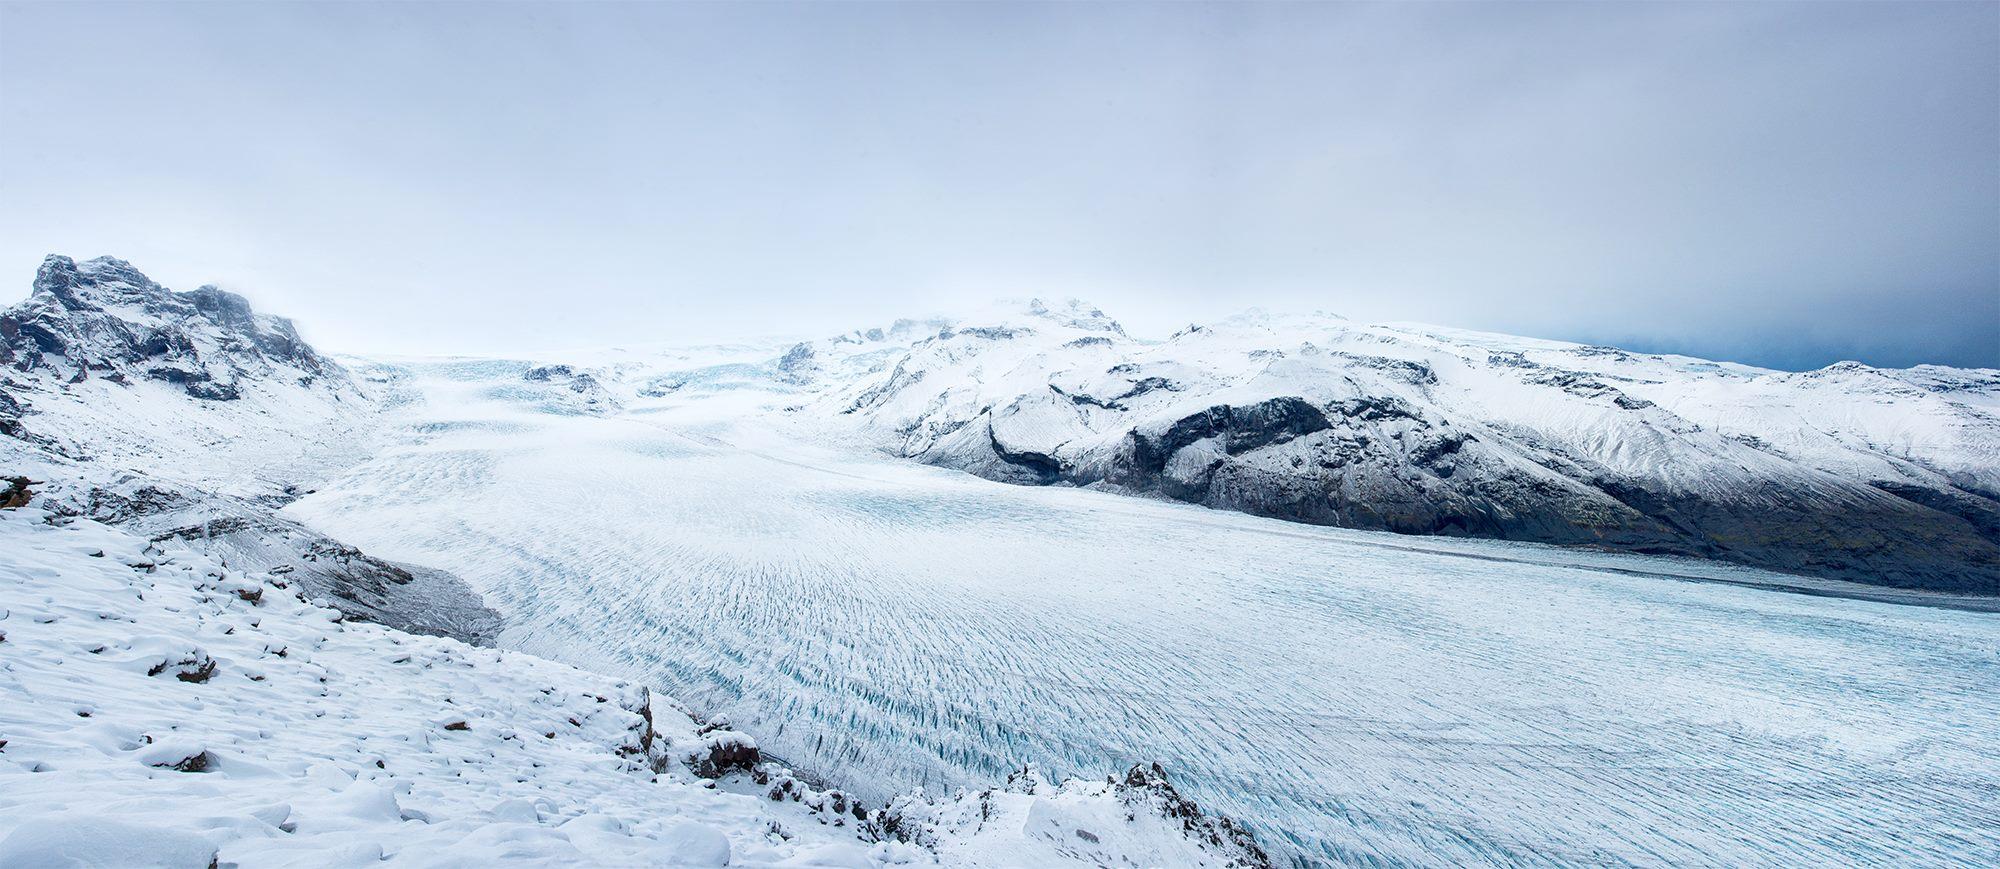 Путешествие в Исландию: 7 дней за 150 евро с перелетом. Часть 2 Путешествие в Исландию: 7 дней за 150 евро с перелетом. Часть 2 1 Foto Alexander Shaga